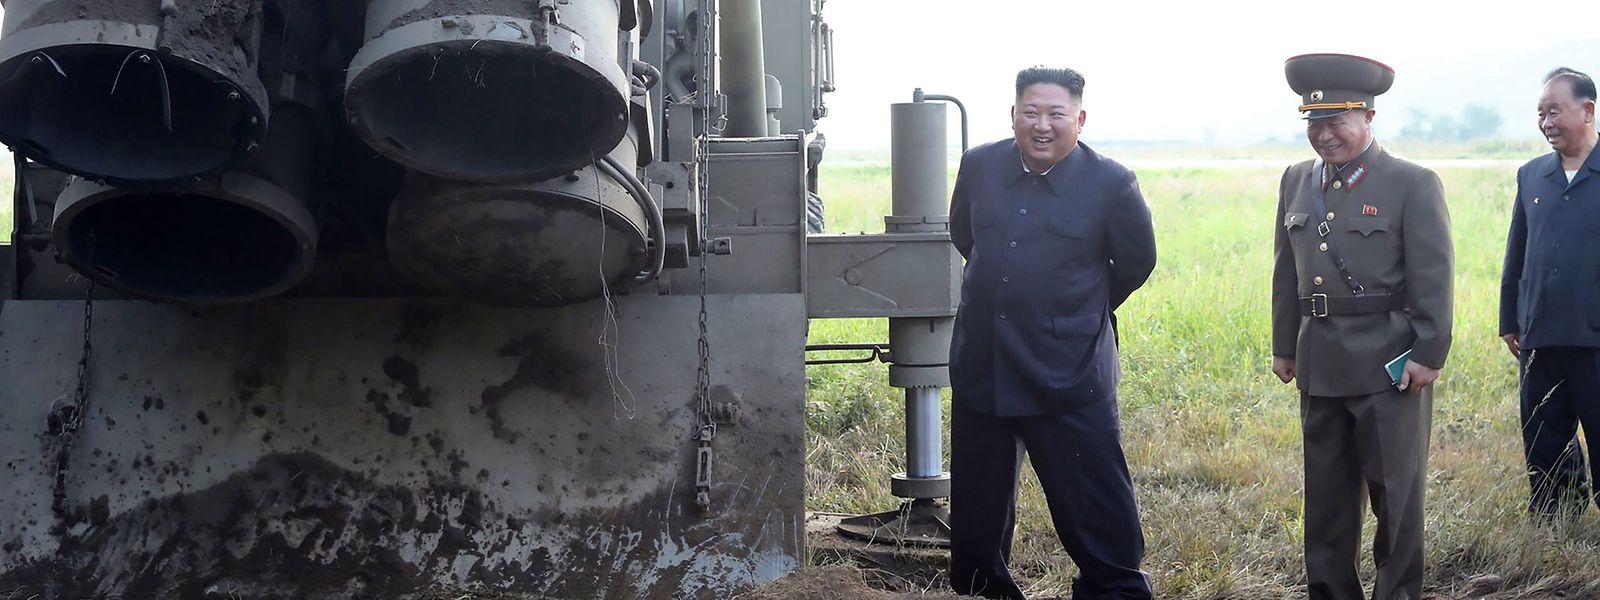 Freudige Erregung: Kim Jong Un (l.) mit Militärs neben einem Raketenwerfer. Echtheit und Aufnahmedatum des Fotos aus Nordkorea konnten allerdings nicht unabhängig bestätigt werden.